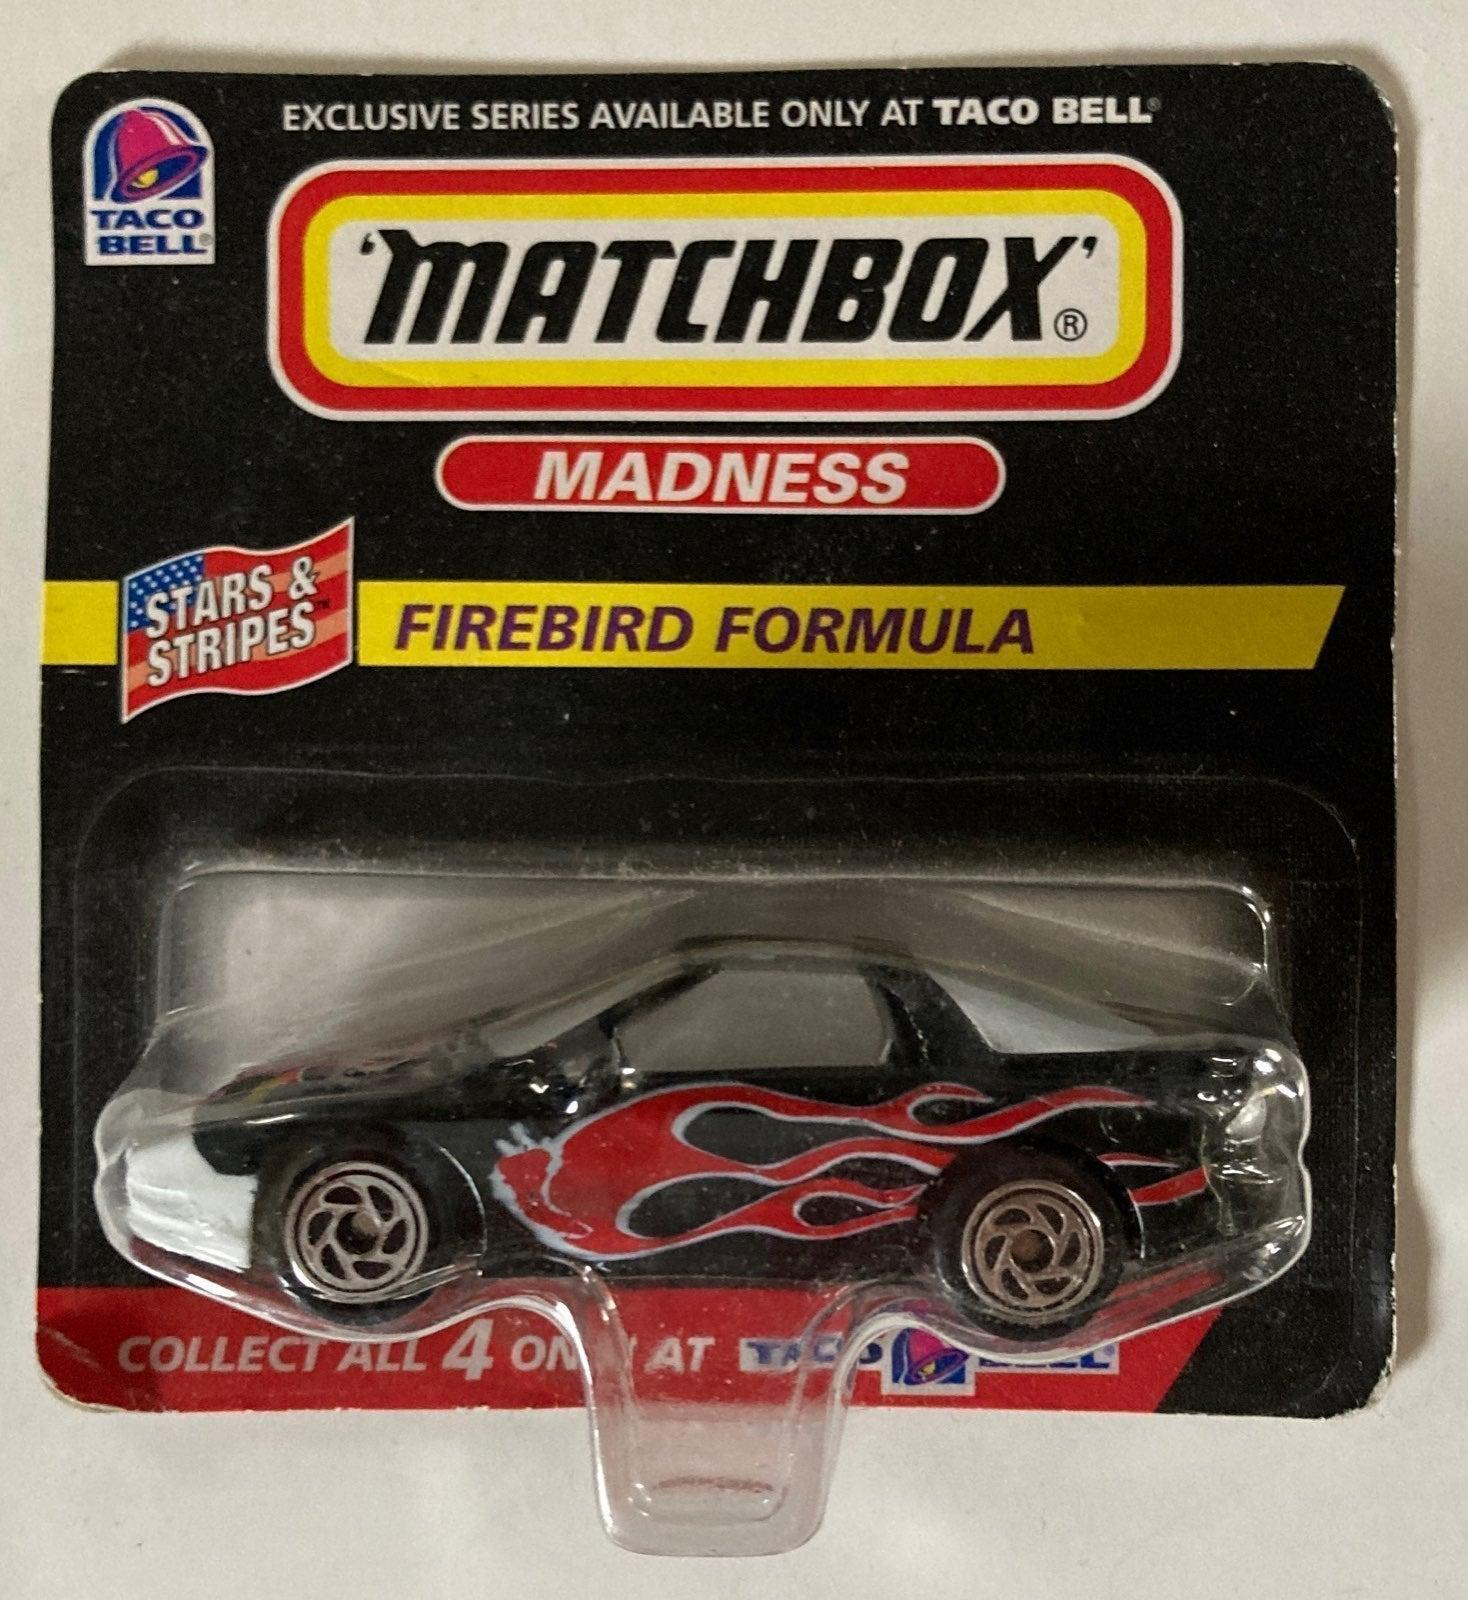 Taco Bell Matchbox vintage